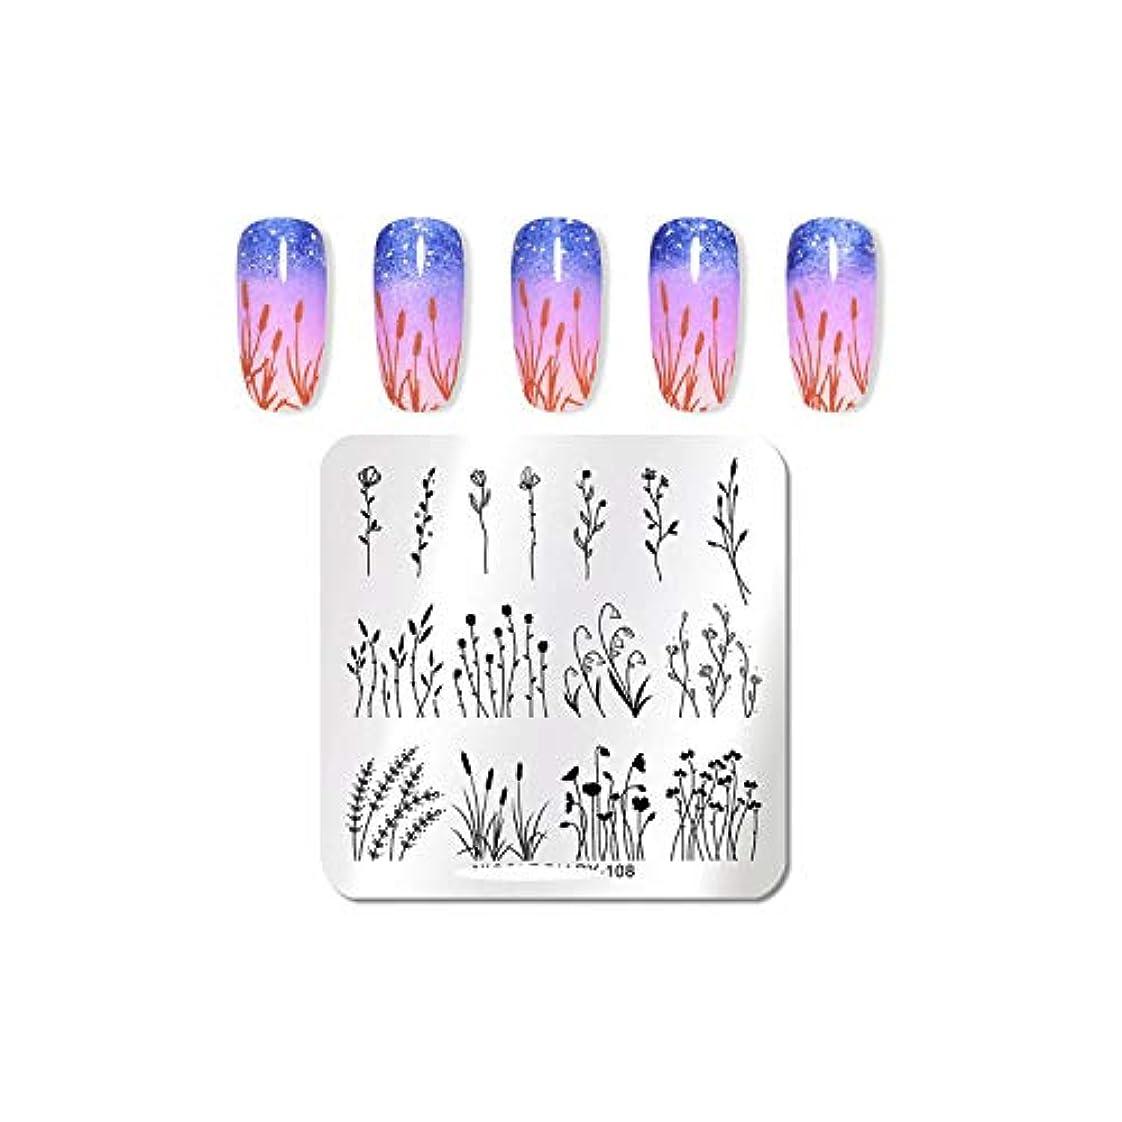 品スプーン地図AKIROKハロウィンネイルスタンピングプレートフラワースネークスキンネイルテンプレートスタンプネイルアートスタンプ画像テンプレートネイルアートステンシル,ND-108